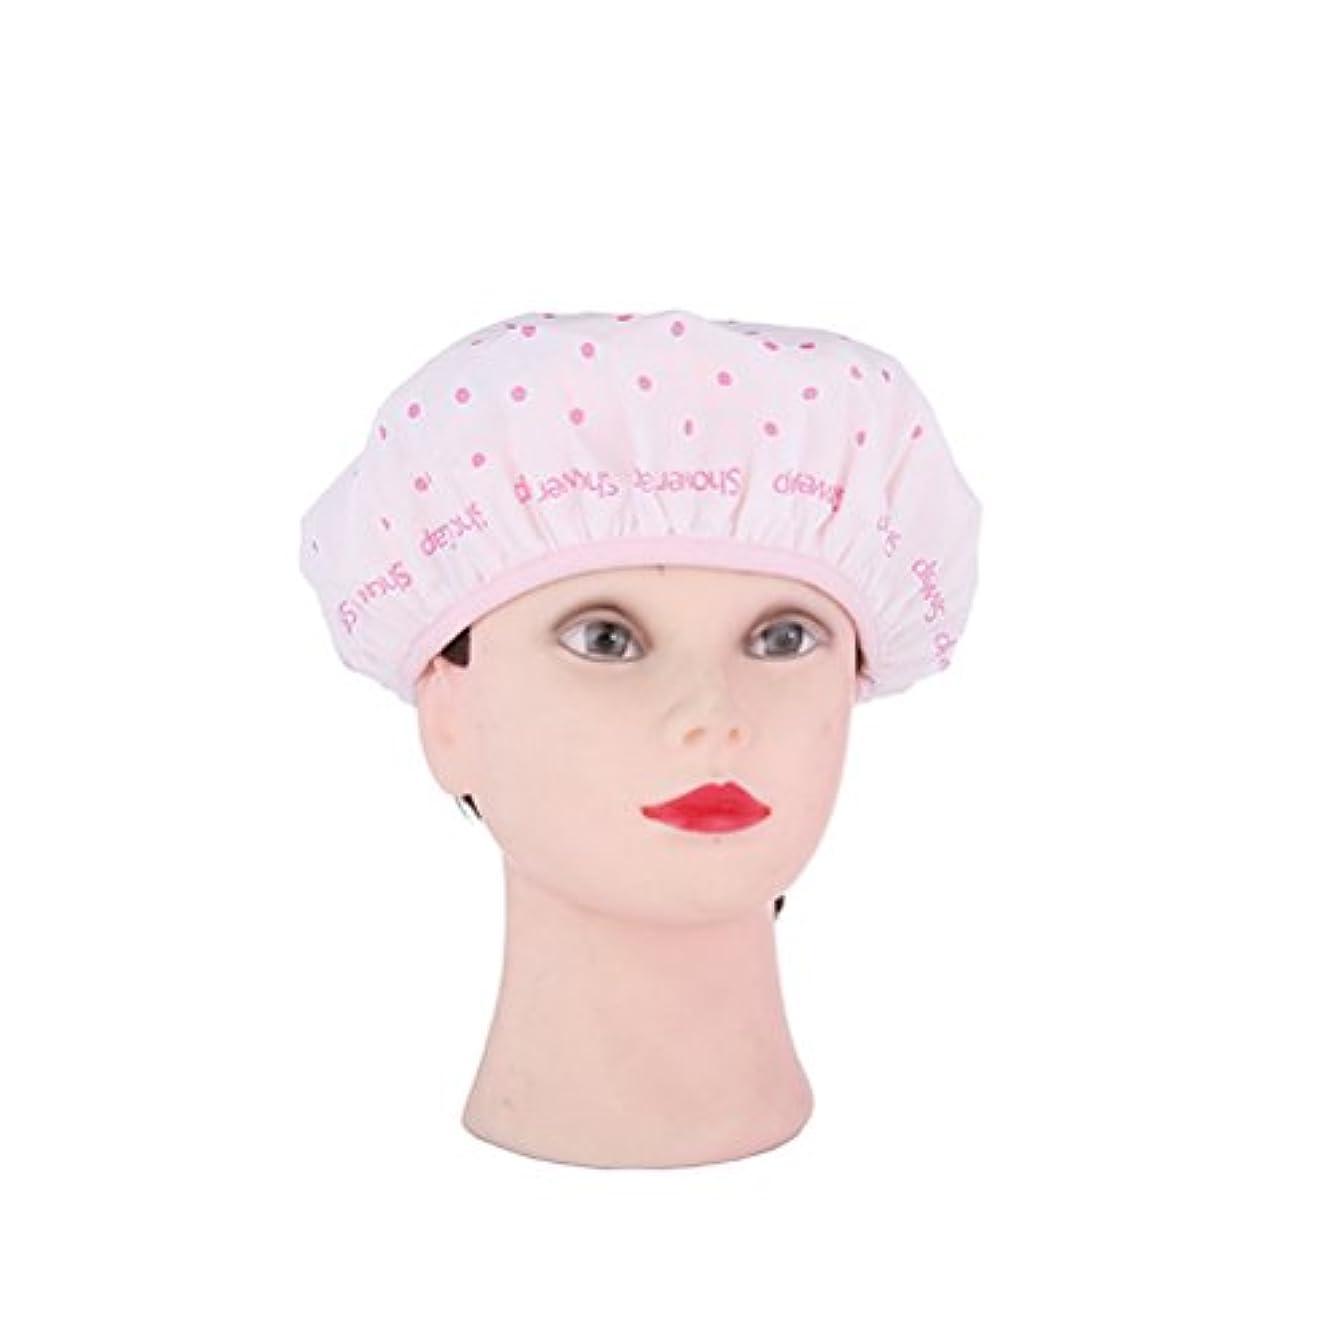 ソーセージファイルピクニックROSENICE シャワーキャップ防水性モールド抵抗性の洗えるシャワーキャップかわいいやわらかい髪の帽子(ピンク)